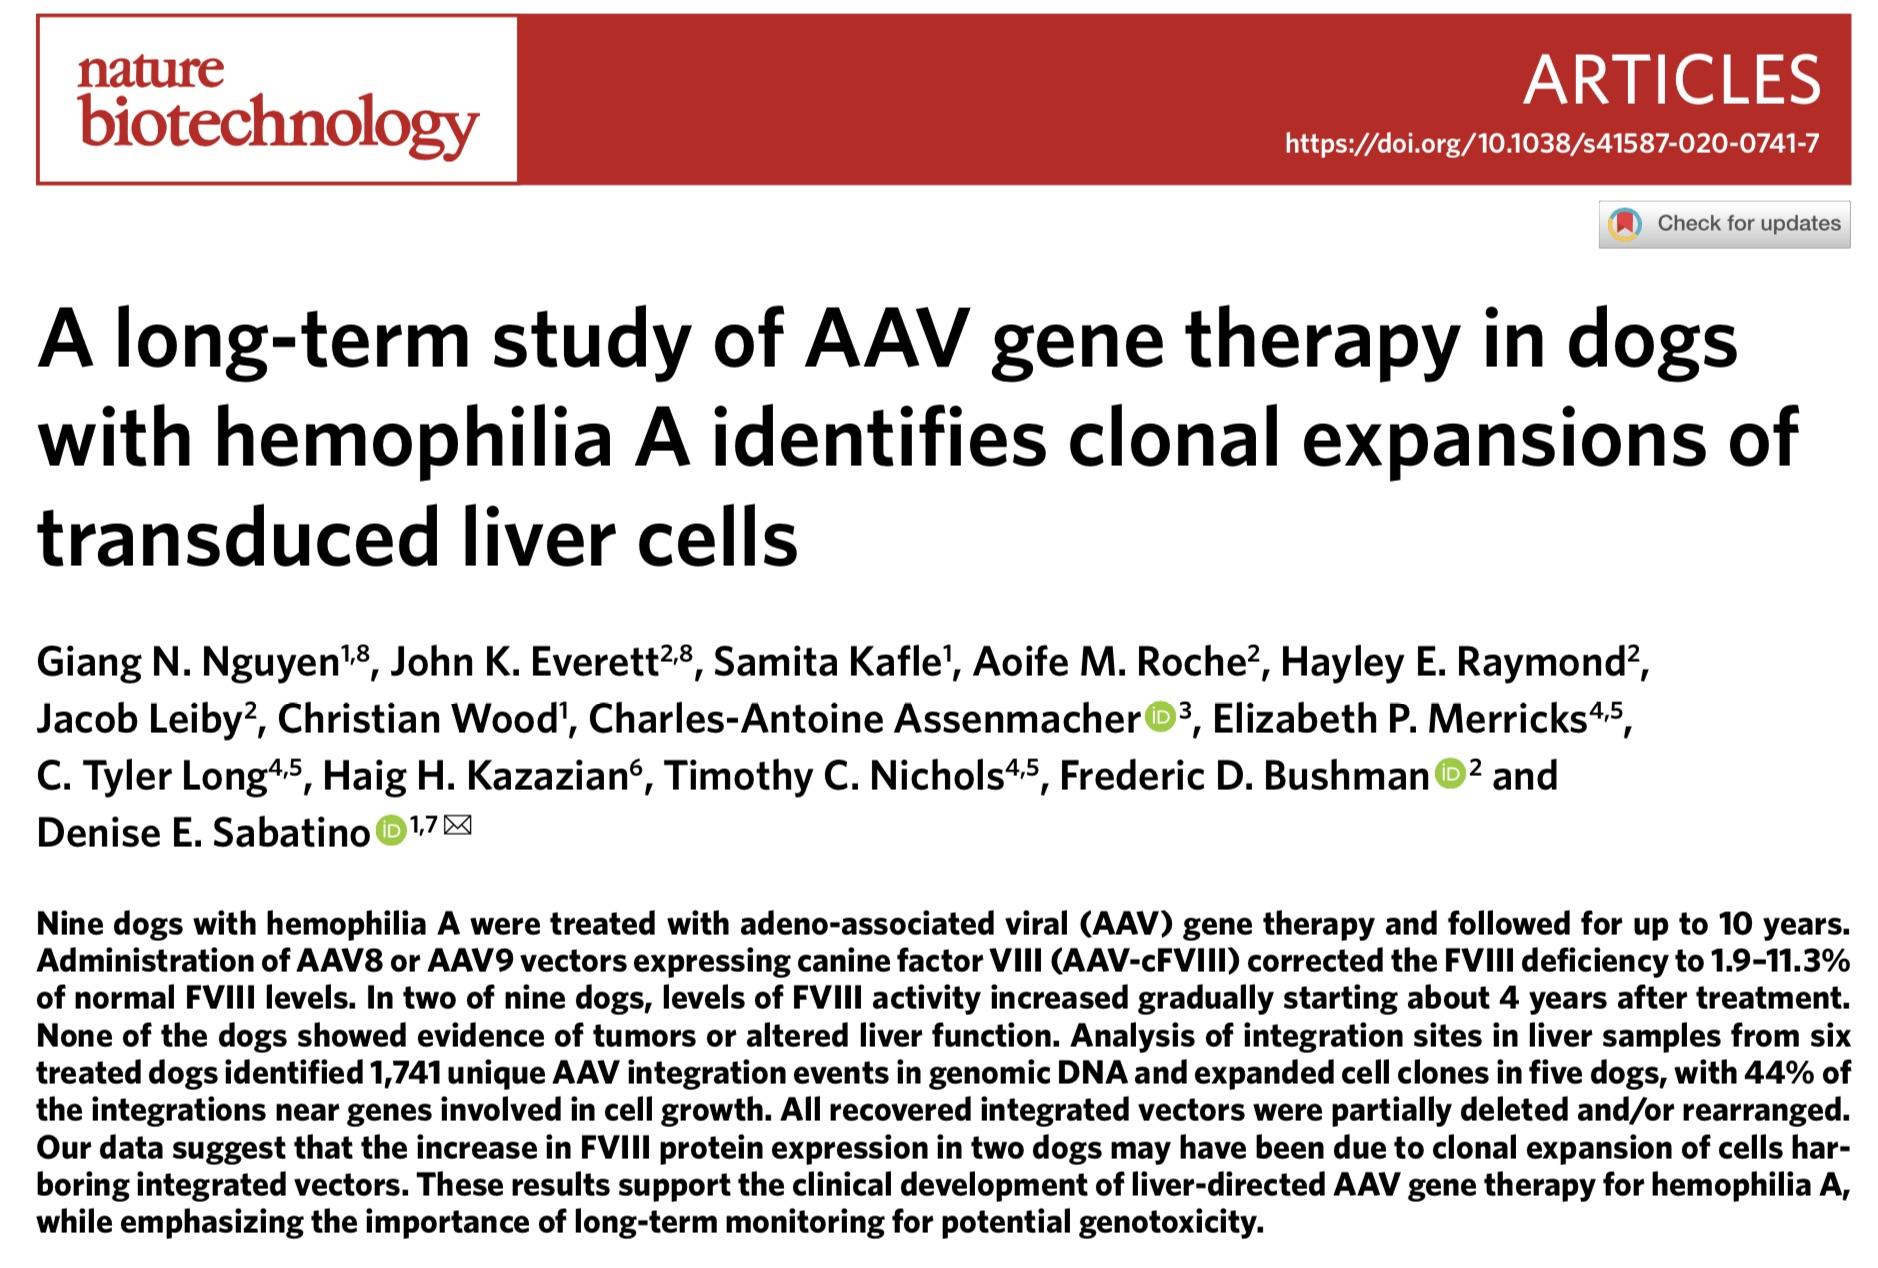 最安全基因治疗载体不安全?10年研究发现或增加肝癌风险